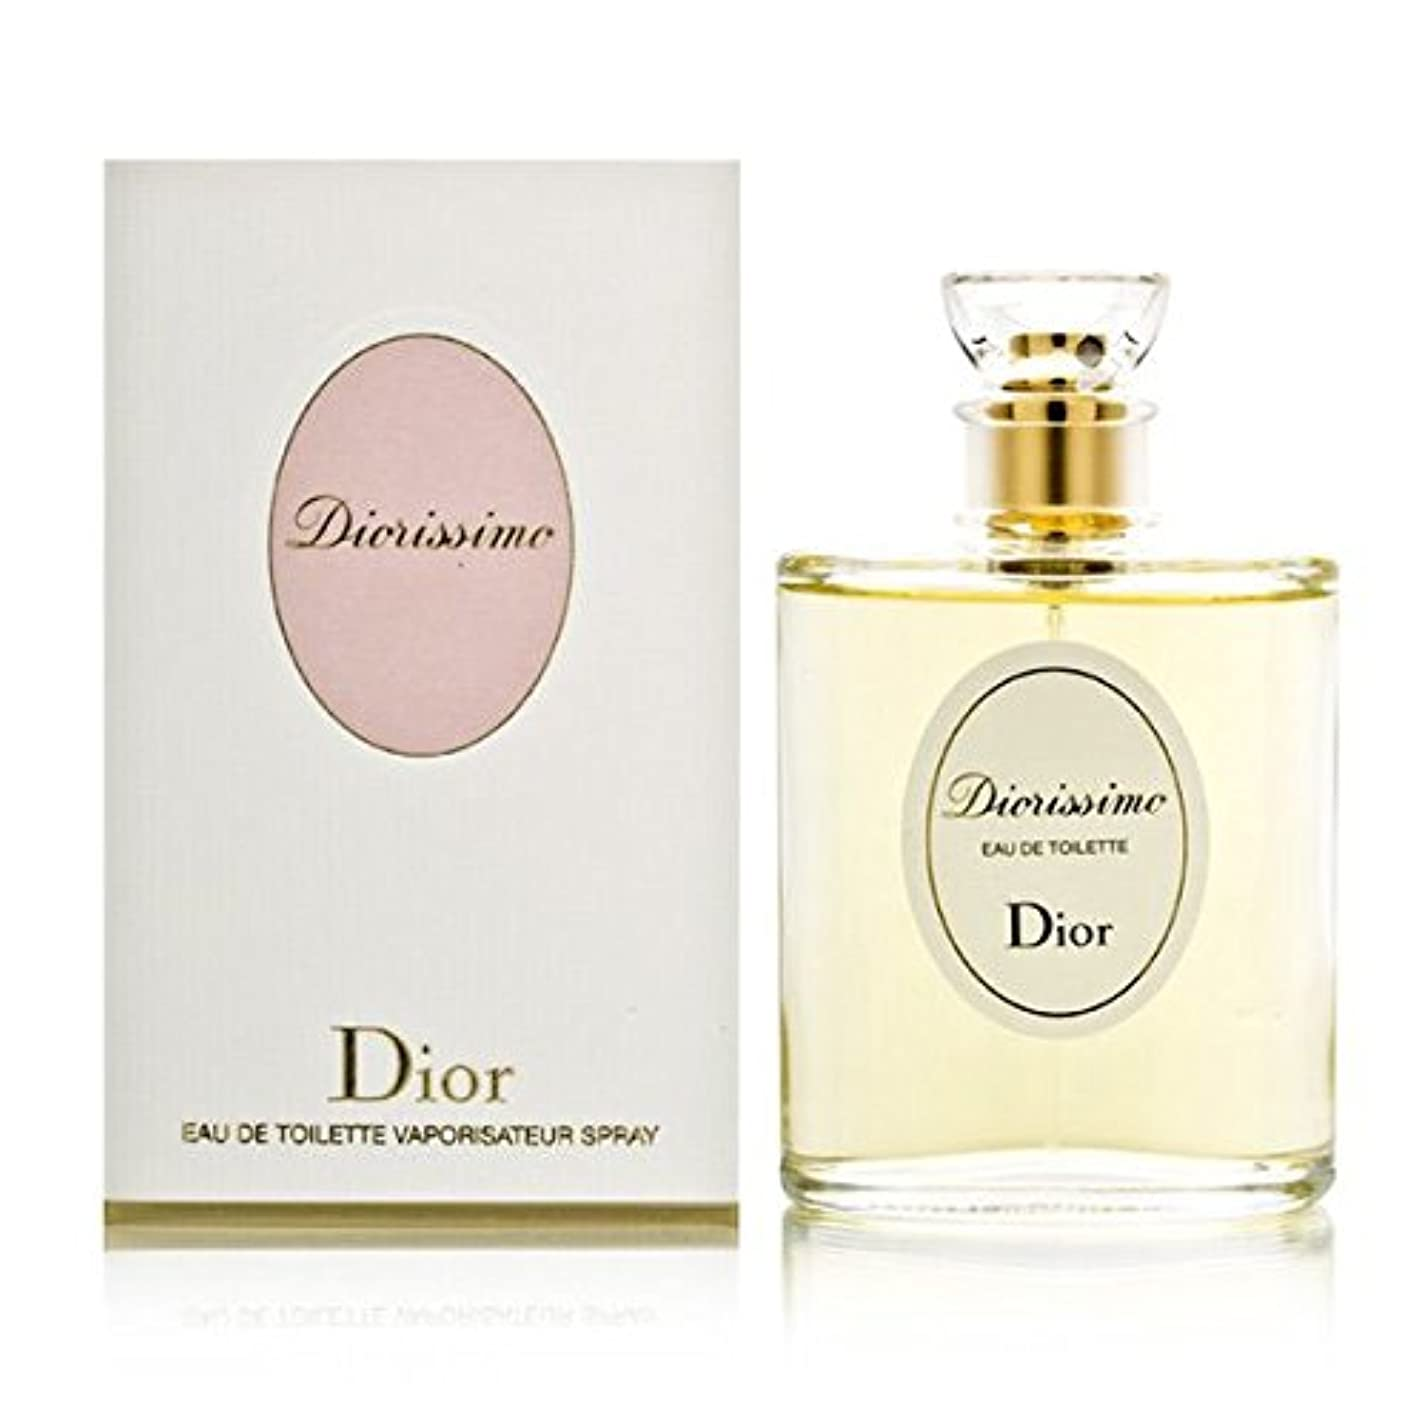 認識配管工四クリスチャン ディオール(Christian Dior) ディオリッシモ EDT SP 100ml[並行輸入品]